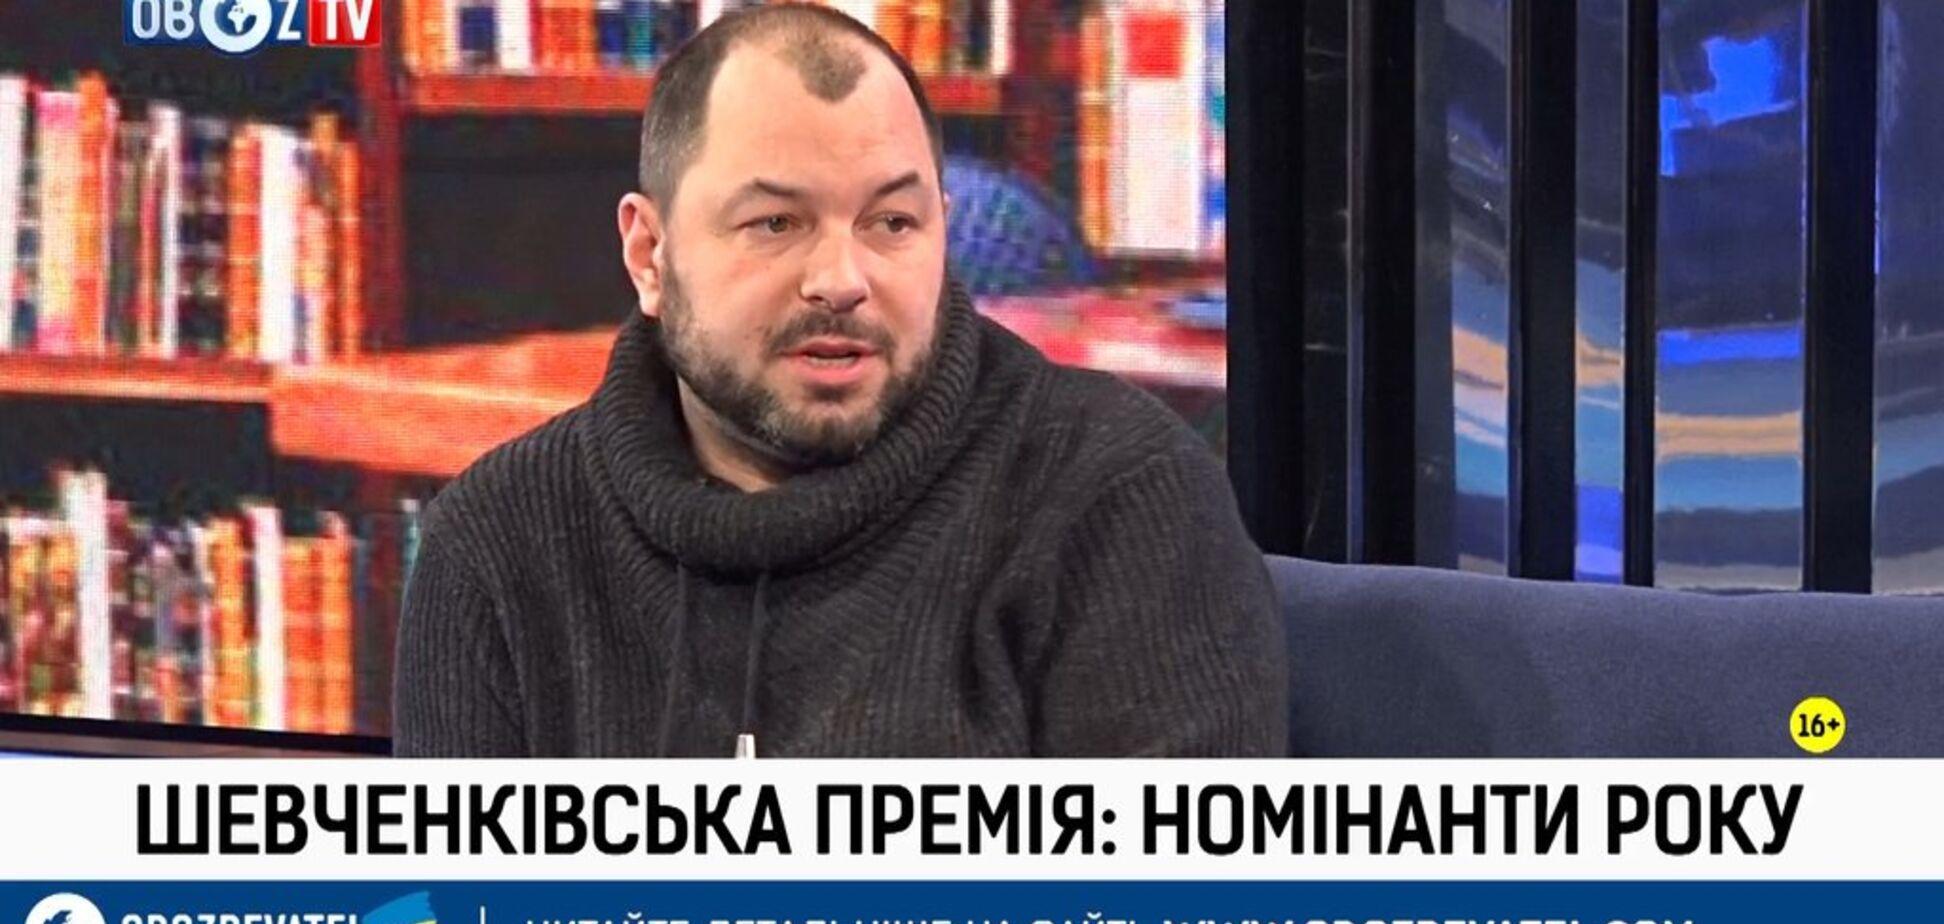 Бронзовый призер Кубка Европы по кикбоксингу претендует на литературную премию Шевченко